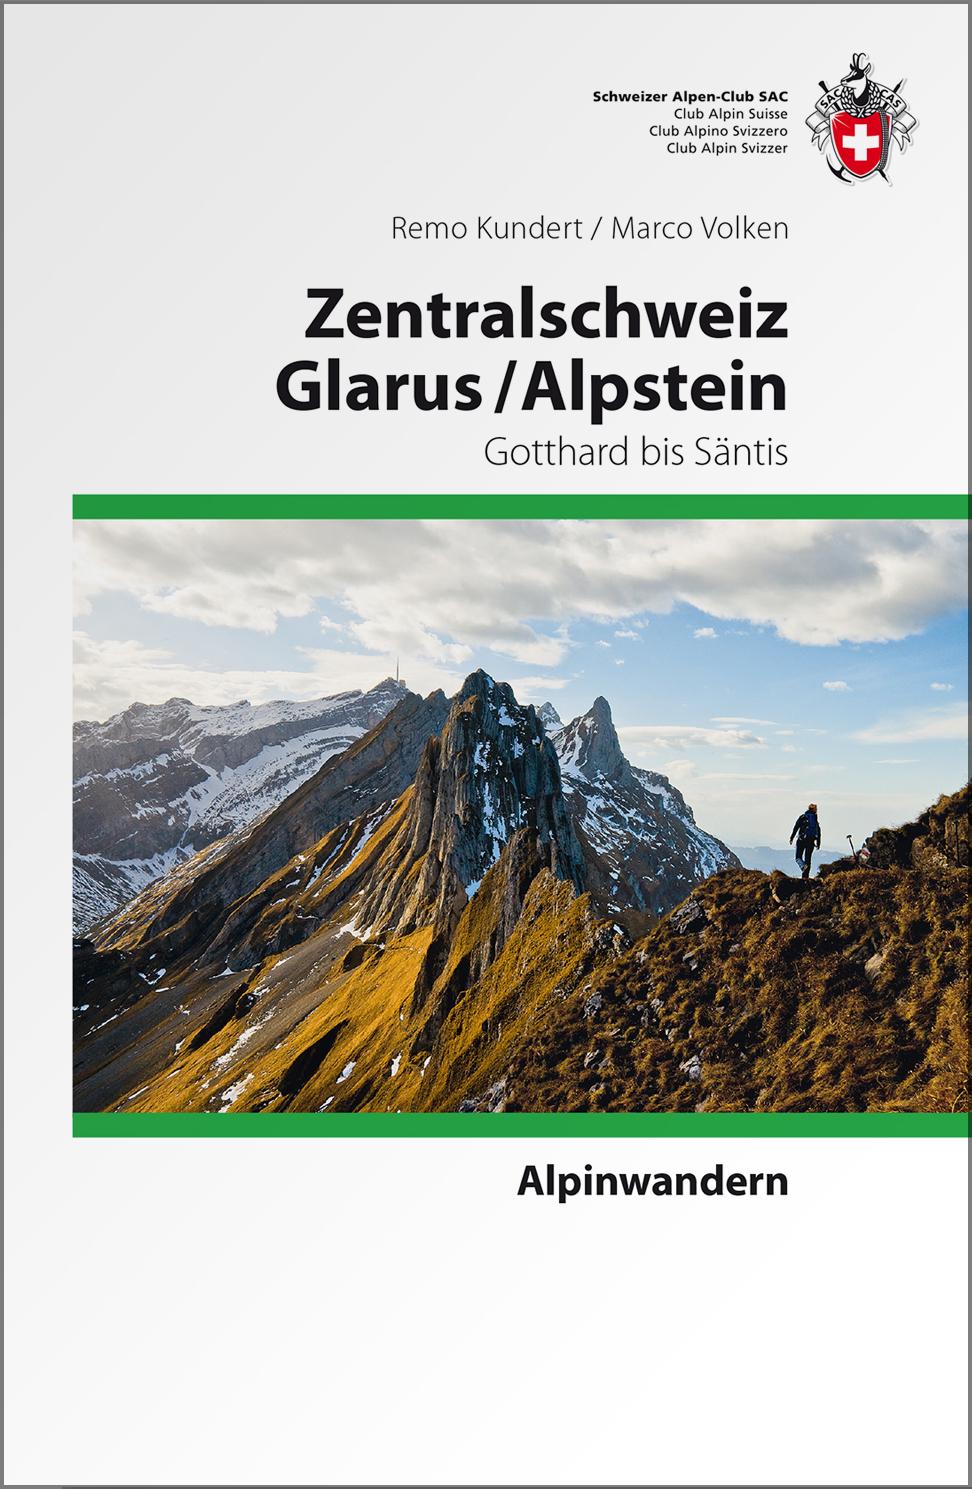 Alpinwandern-Zentralschweiz-Glarus-Alpstein-Remo-Kundert